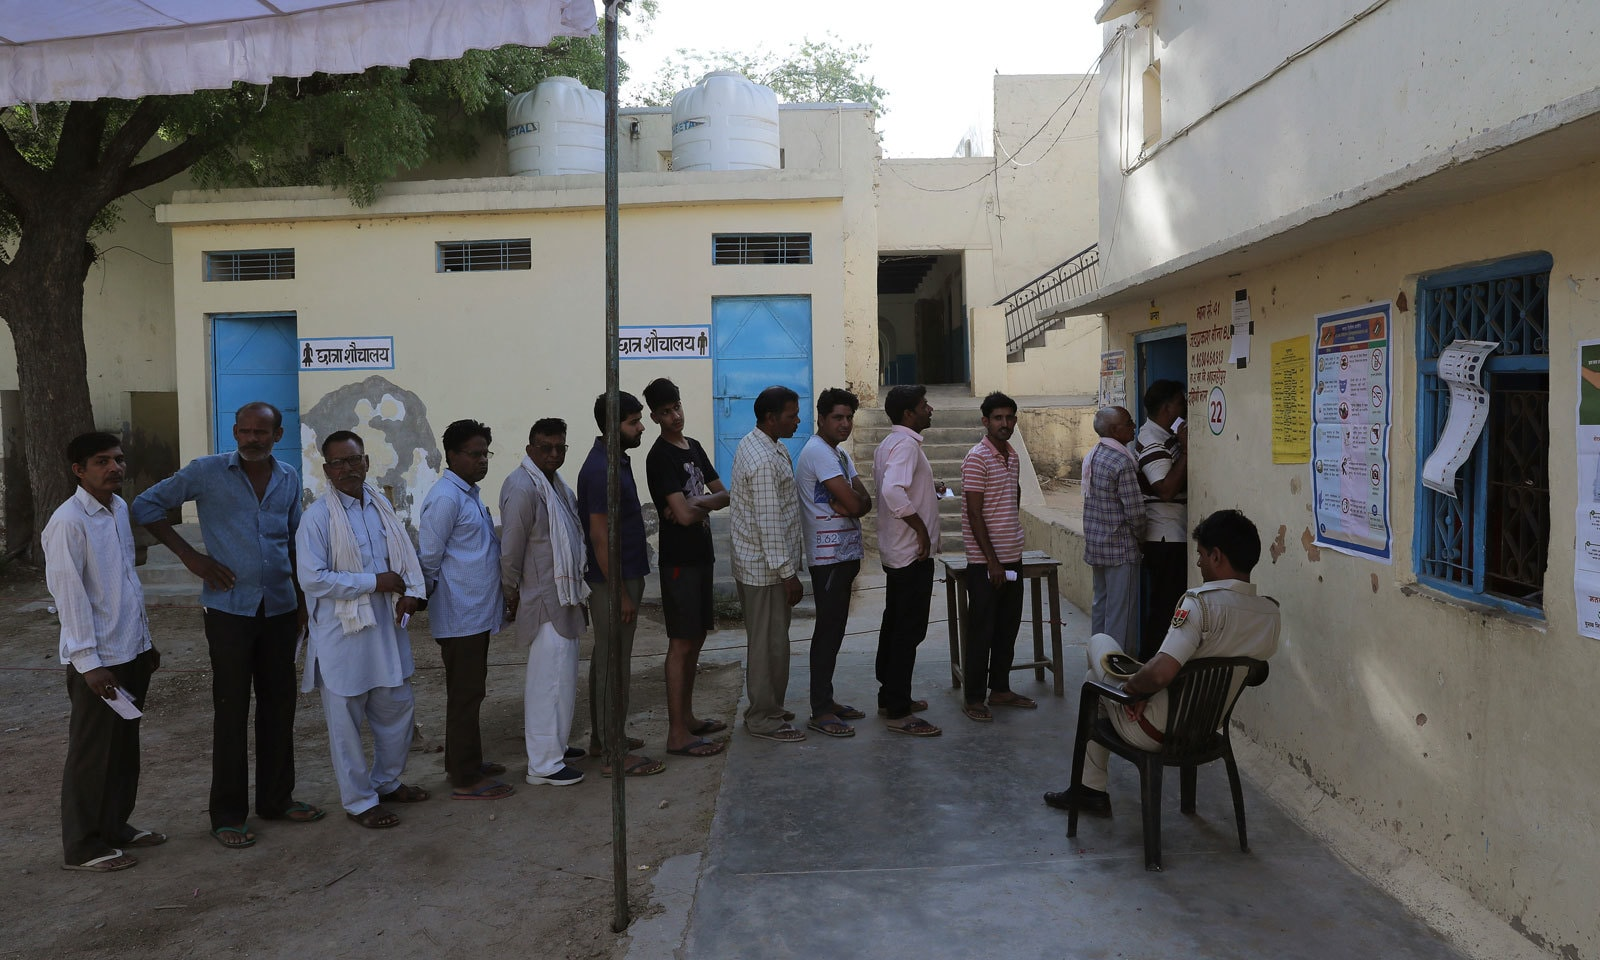 اترپردیش میں راہول گاندھی اور سونیا گاندھی کے حلقوں پر انتخابات ہوئے — فوٹو: اے پی